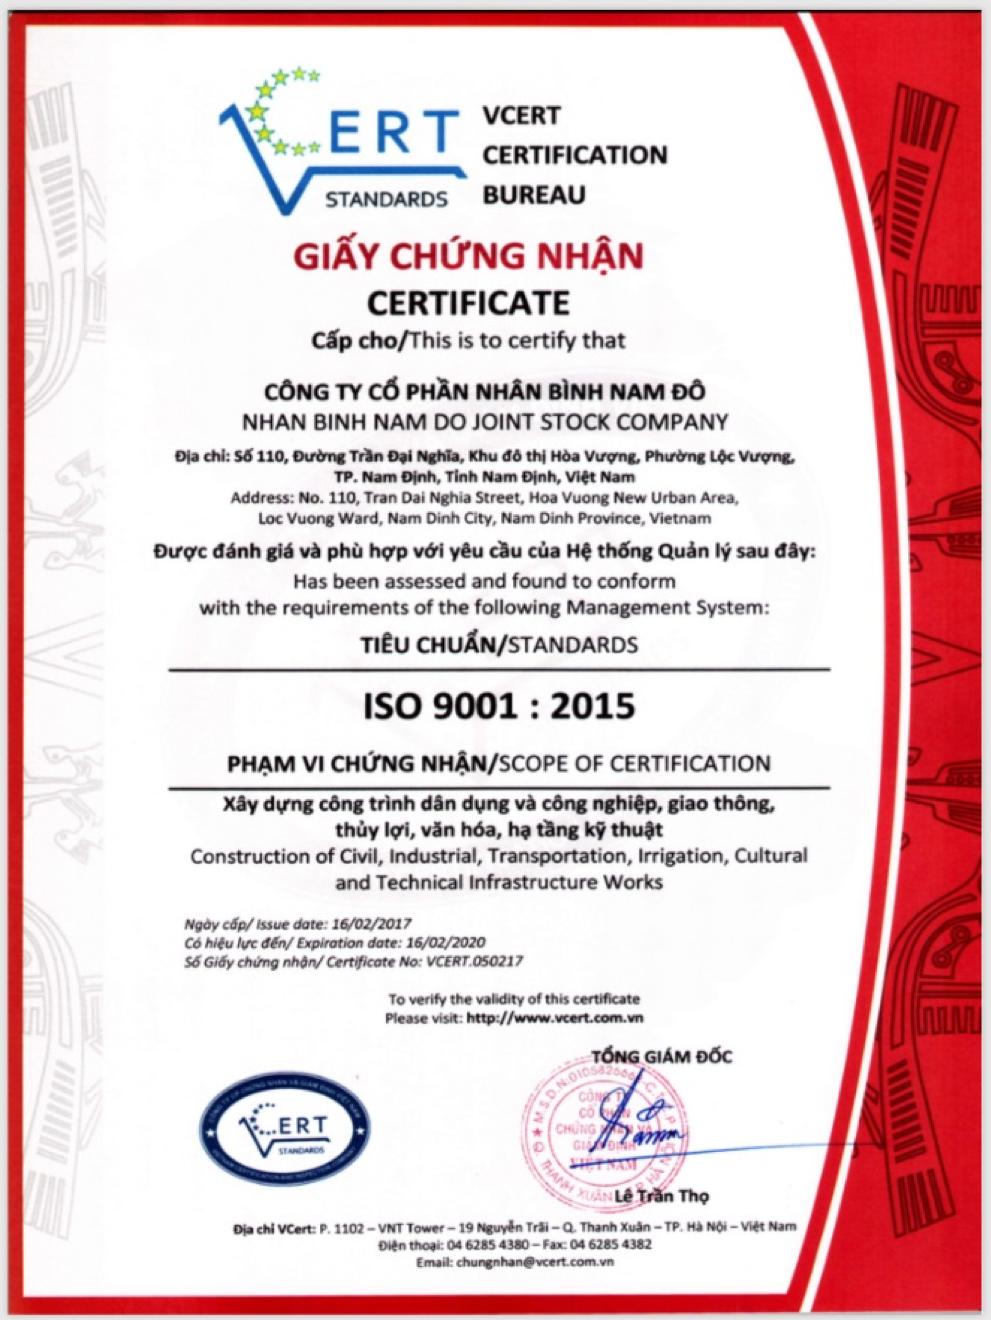 Giấy chứng nhận: ISO 9001 : 2015